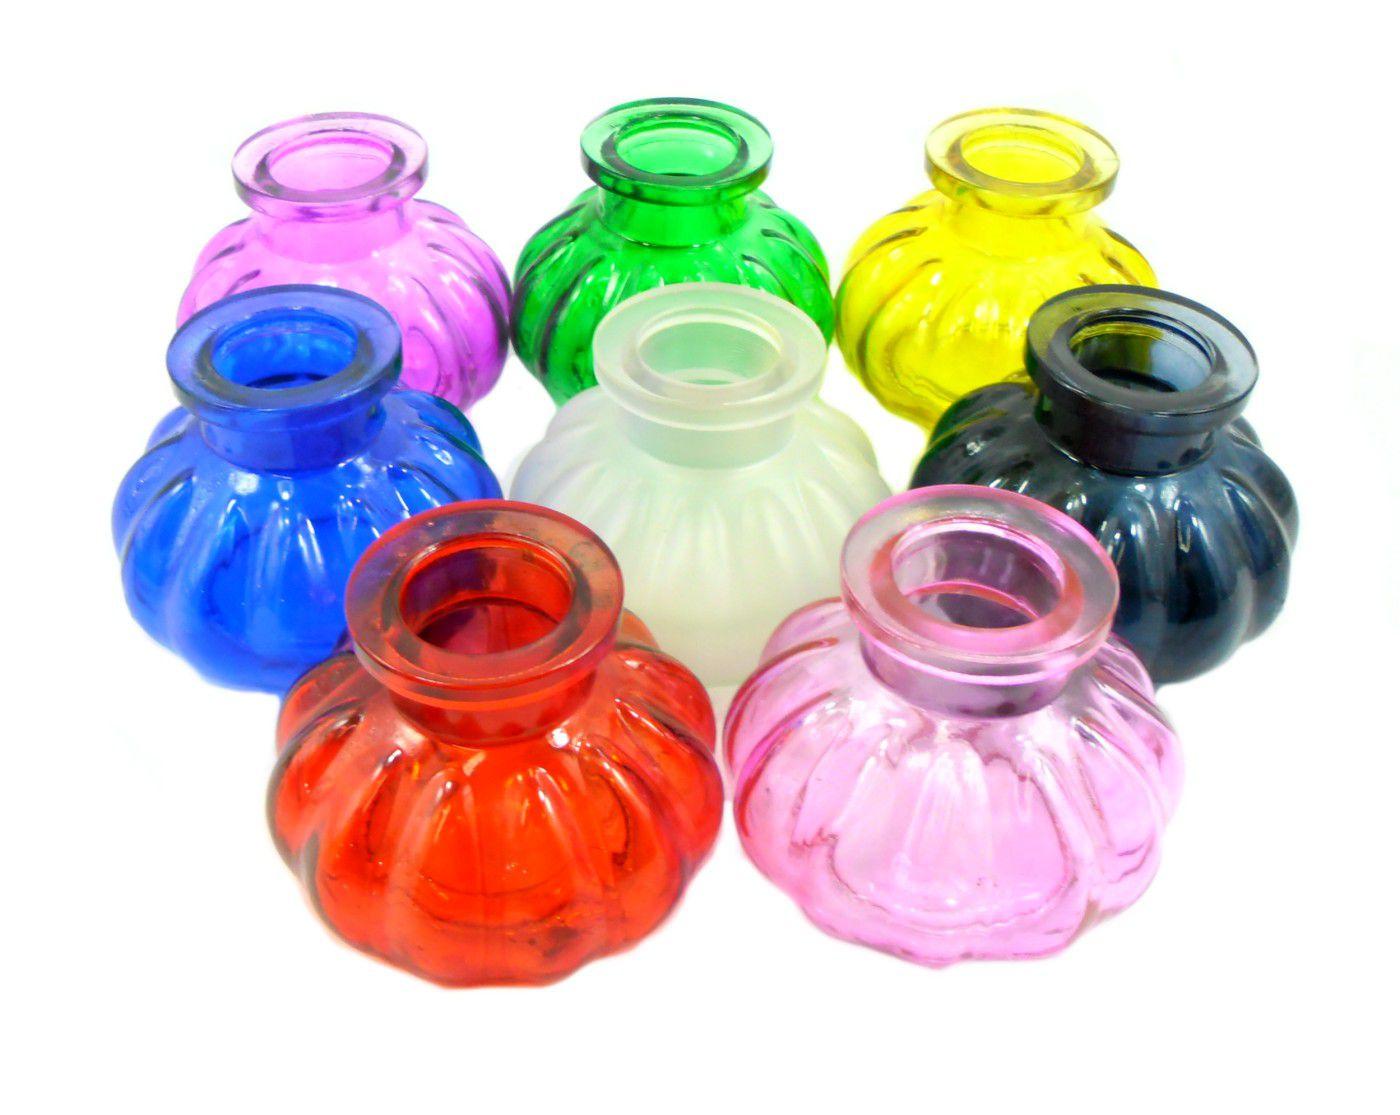 Vaso/base para narguile em vidro moldado, pequeno, 8cm de altura. Encaixe tipo fêmea. Várias cores.